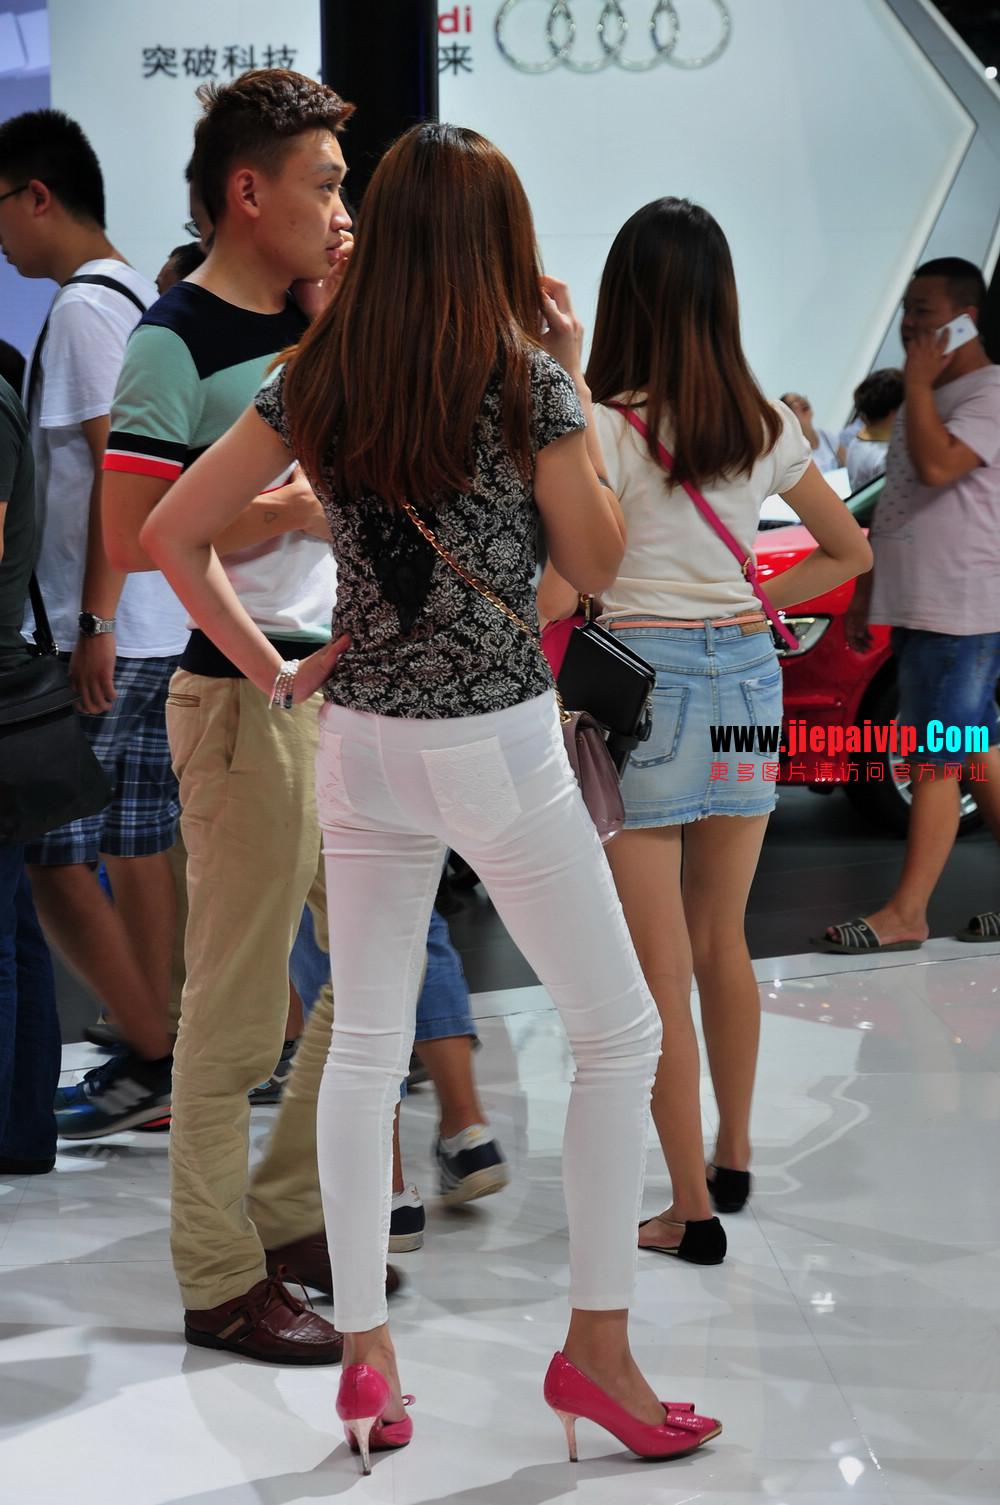 街拍紧身裤少妇长相不错,白色修身长裤,双腿匀称且直,粉色细高跟16